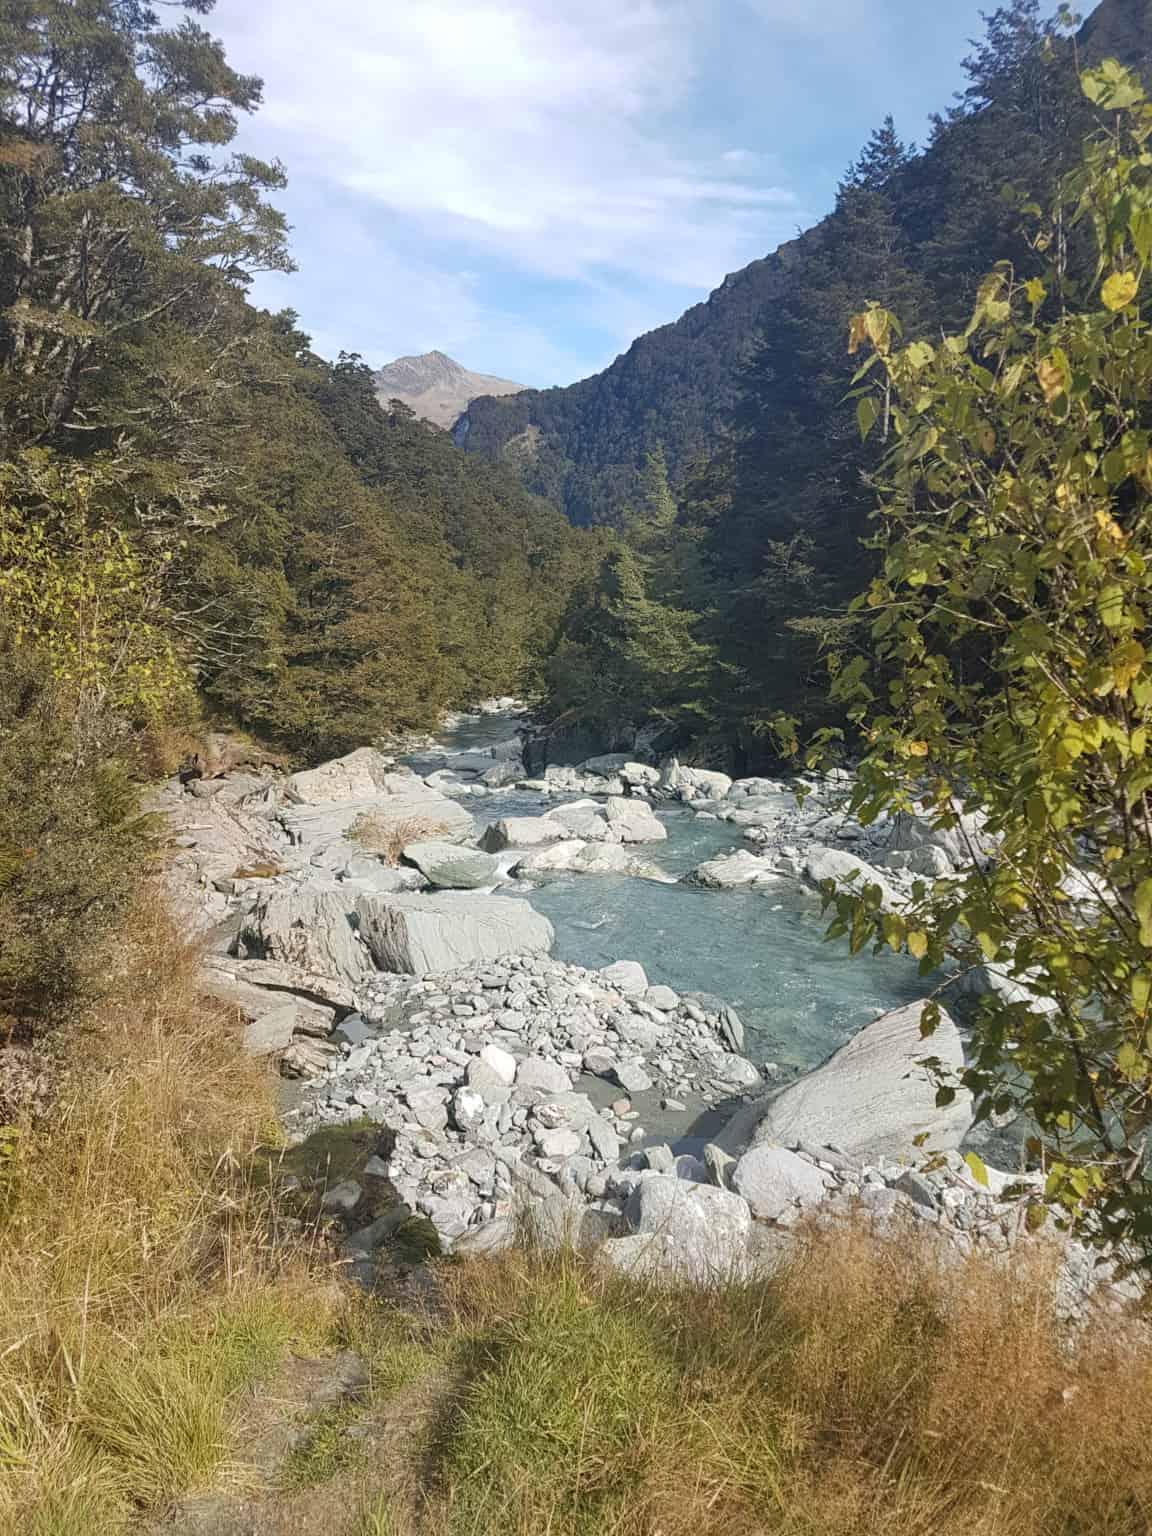 Nouvelle-Zélande, randonnée vers le Rob Roy Glacier et son sommet enneigé ❄ 12